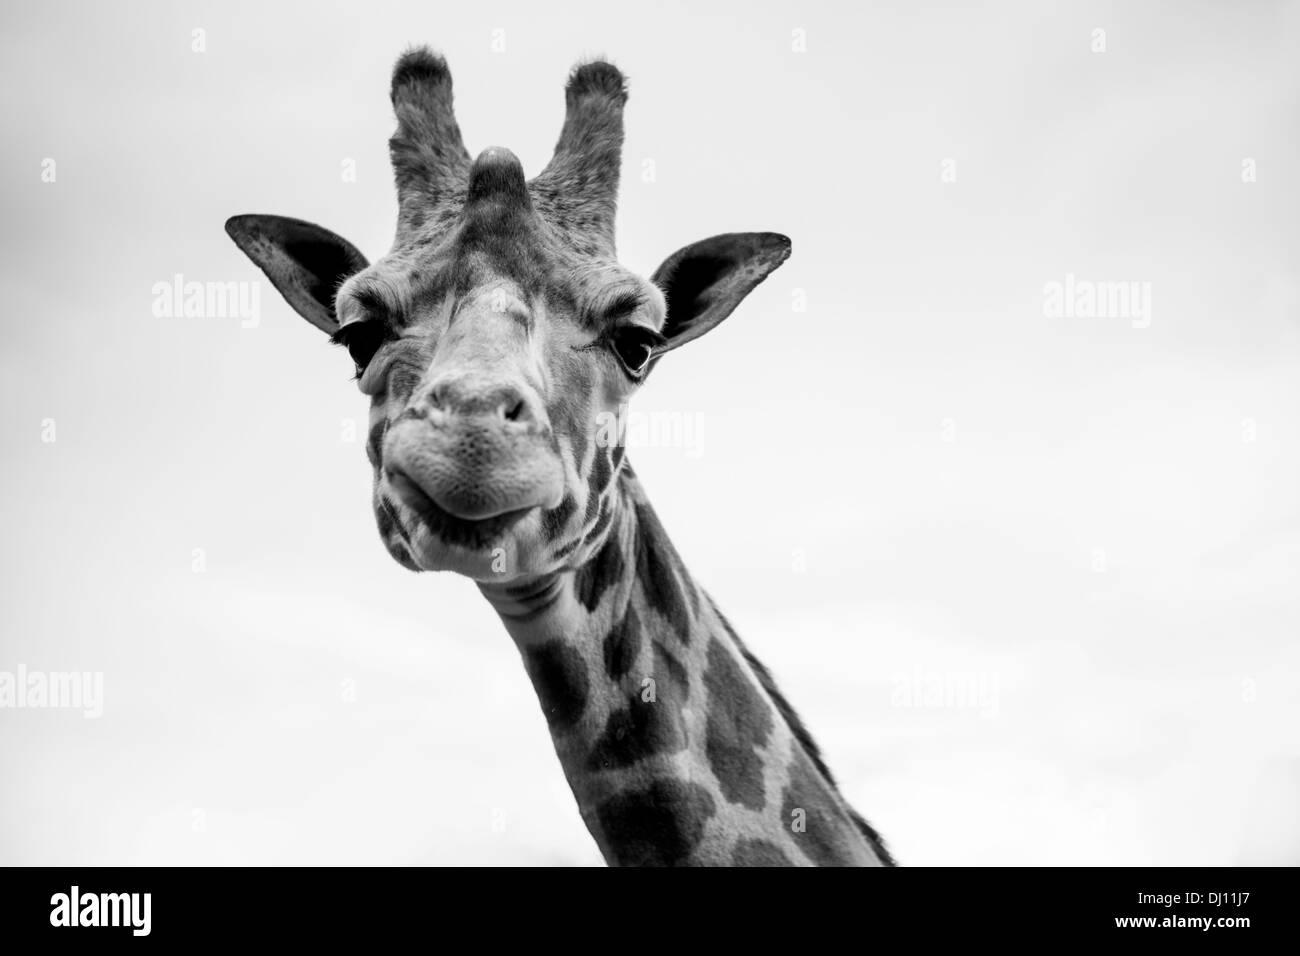 Un singolo giraffe ritratto in bianco e nero Immagini Stock